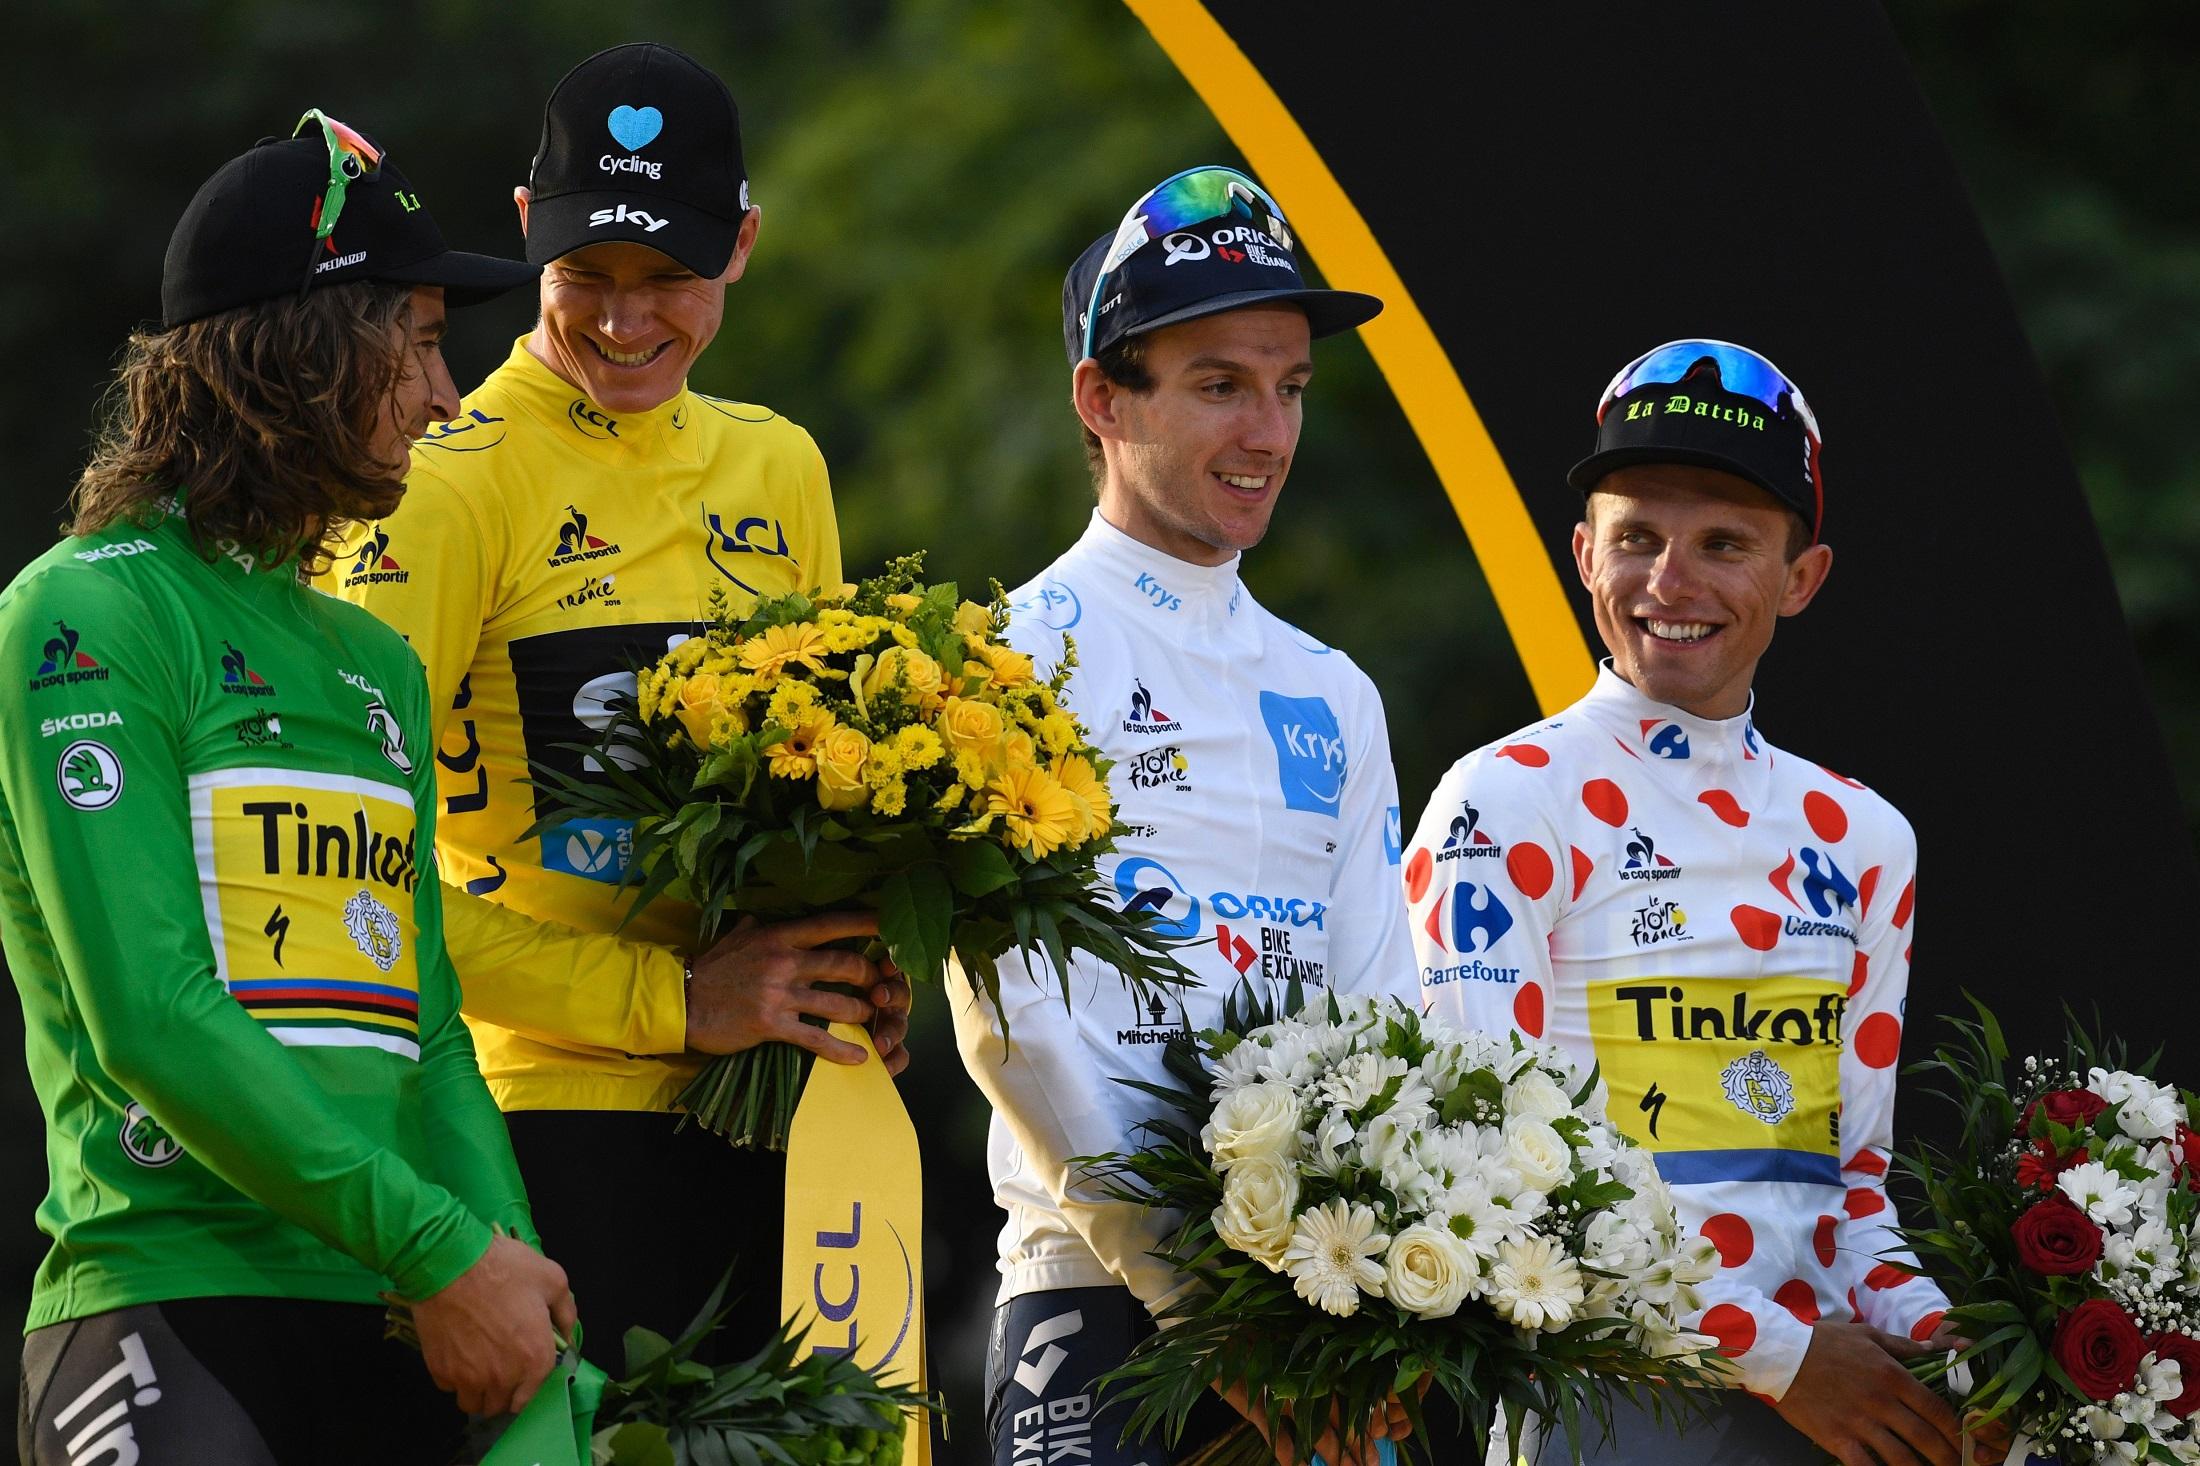 Tour de Francia 2017: ¿Dónde podría ganarse la prueba?